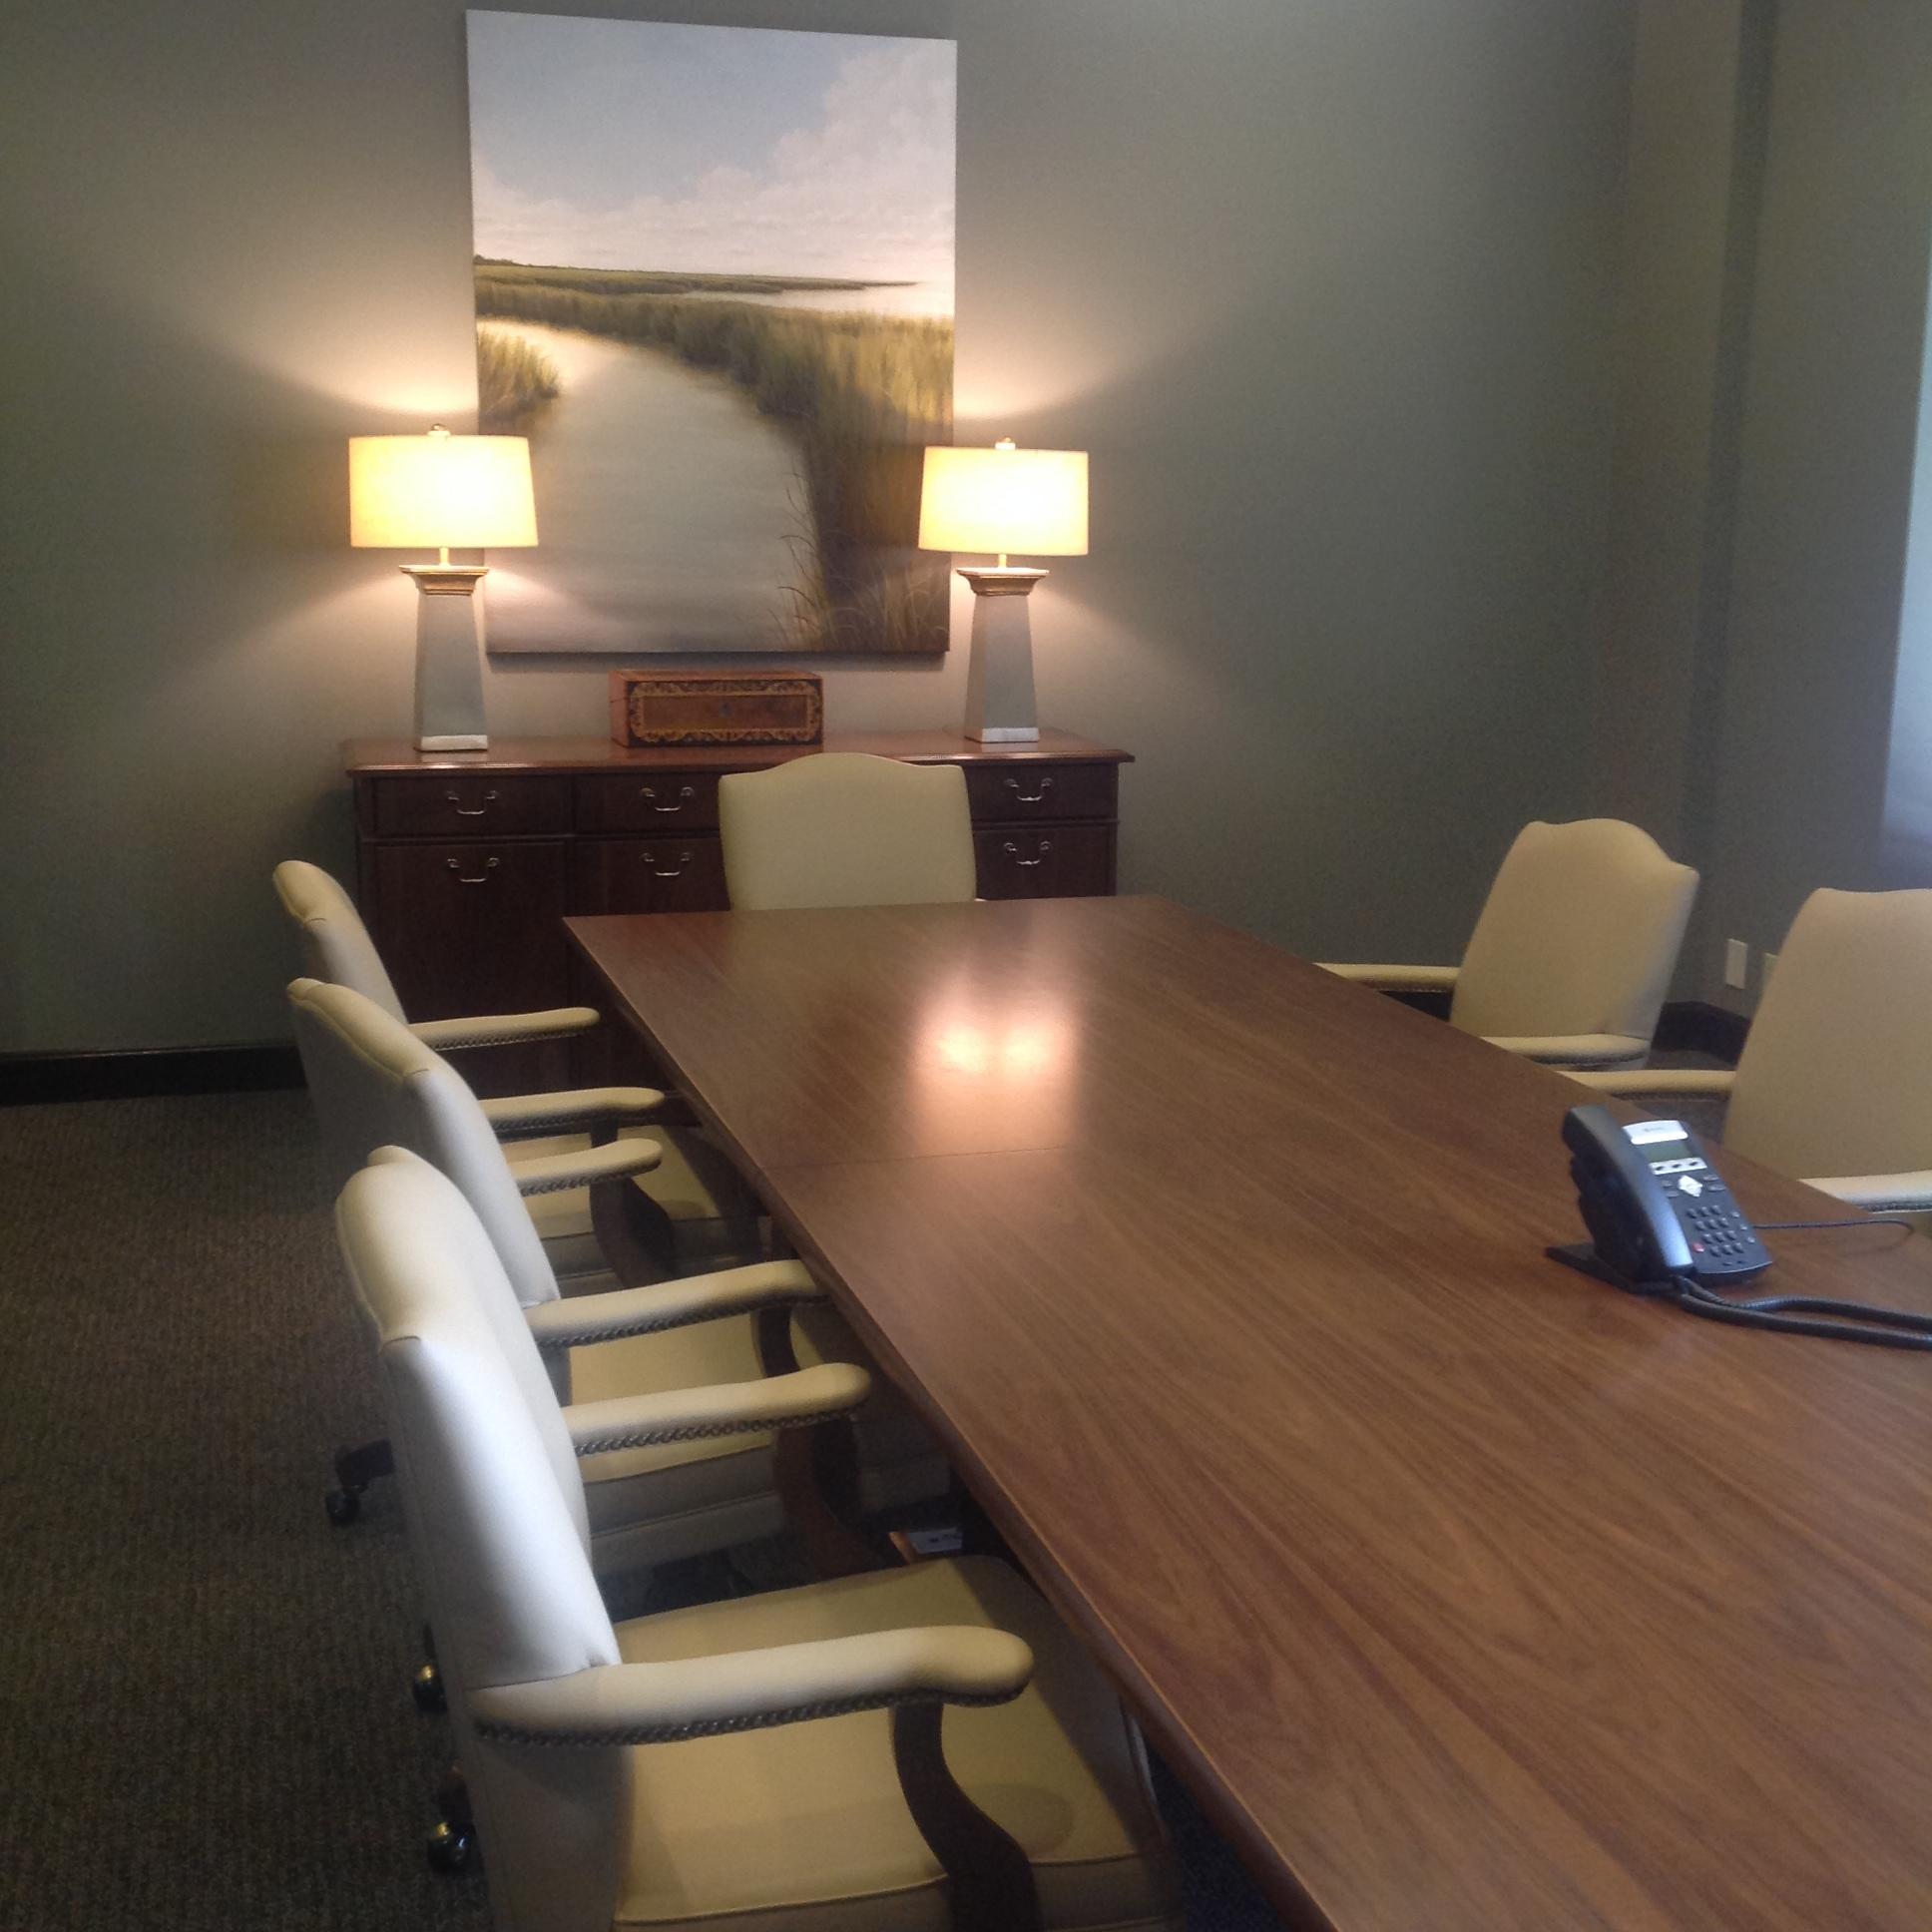 van kirk wealth management conference room, gulfport, mississippi